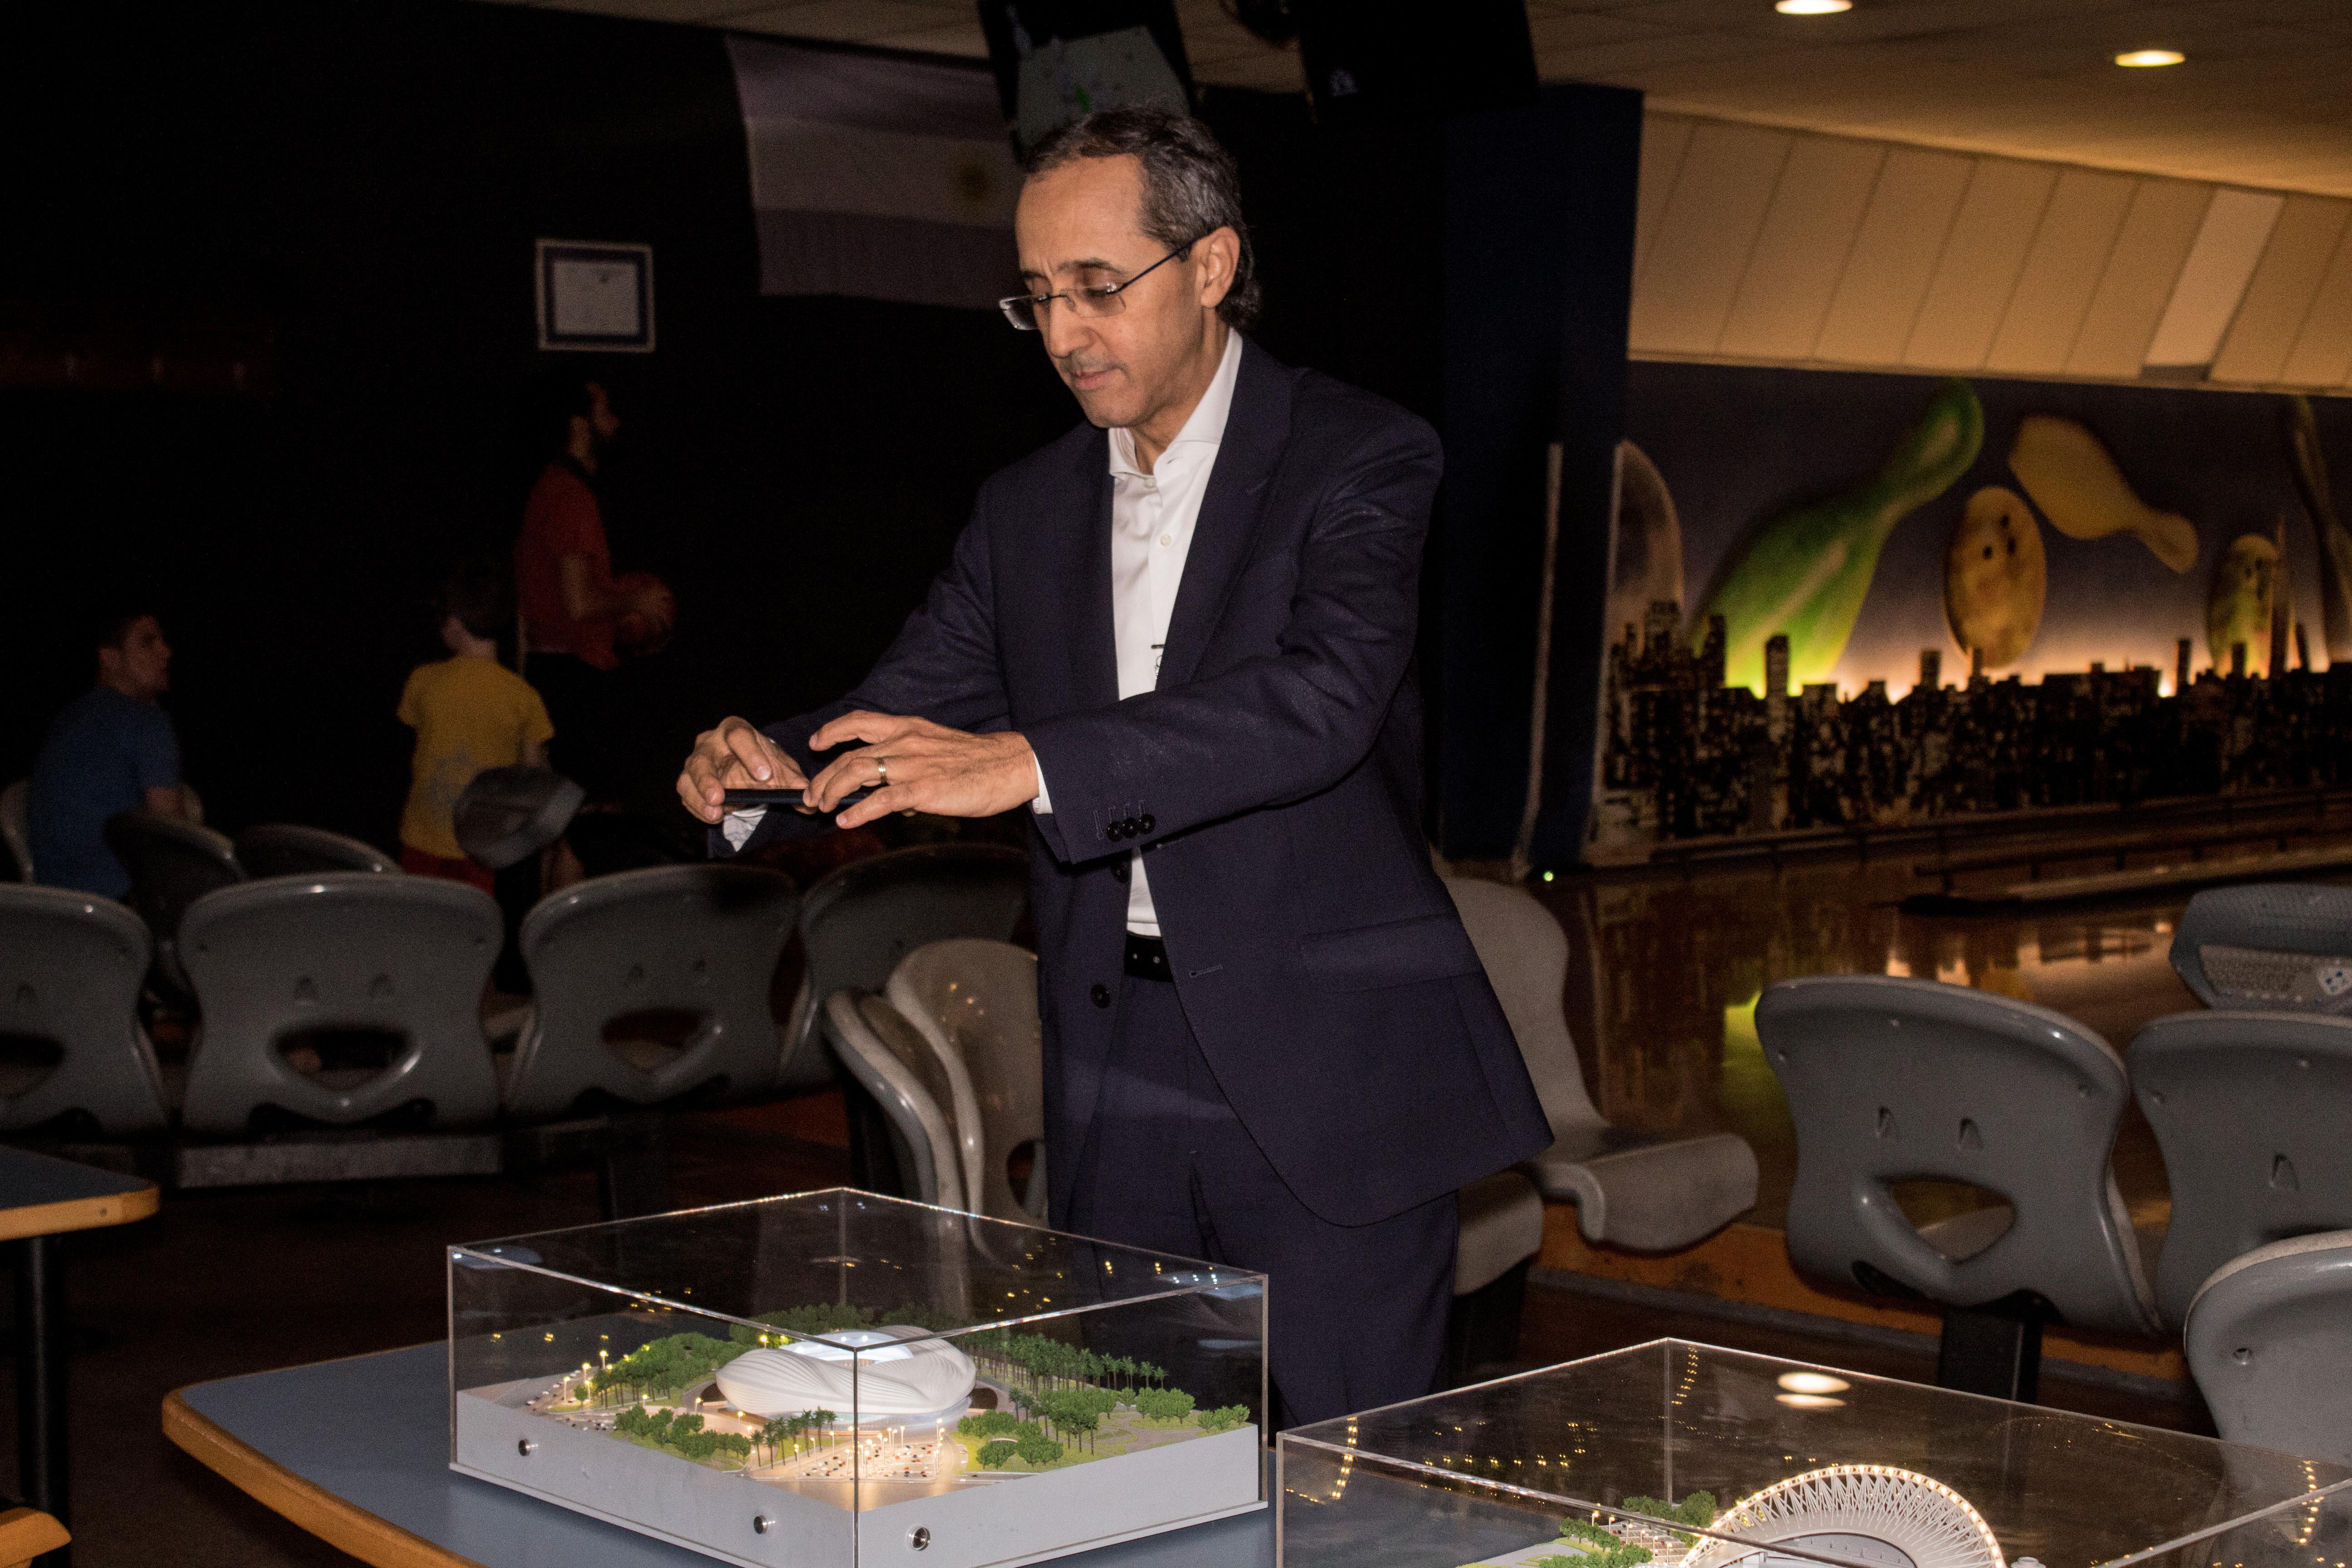 El embajador de Marruecos, Fares Yassir, toma una fotografía de una de las maquetas que se expusieron durante la celebración del Día Nacional del Deporte, con los estadios que actualmente se construyen en Qatar para la Copa del Mundo 2022